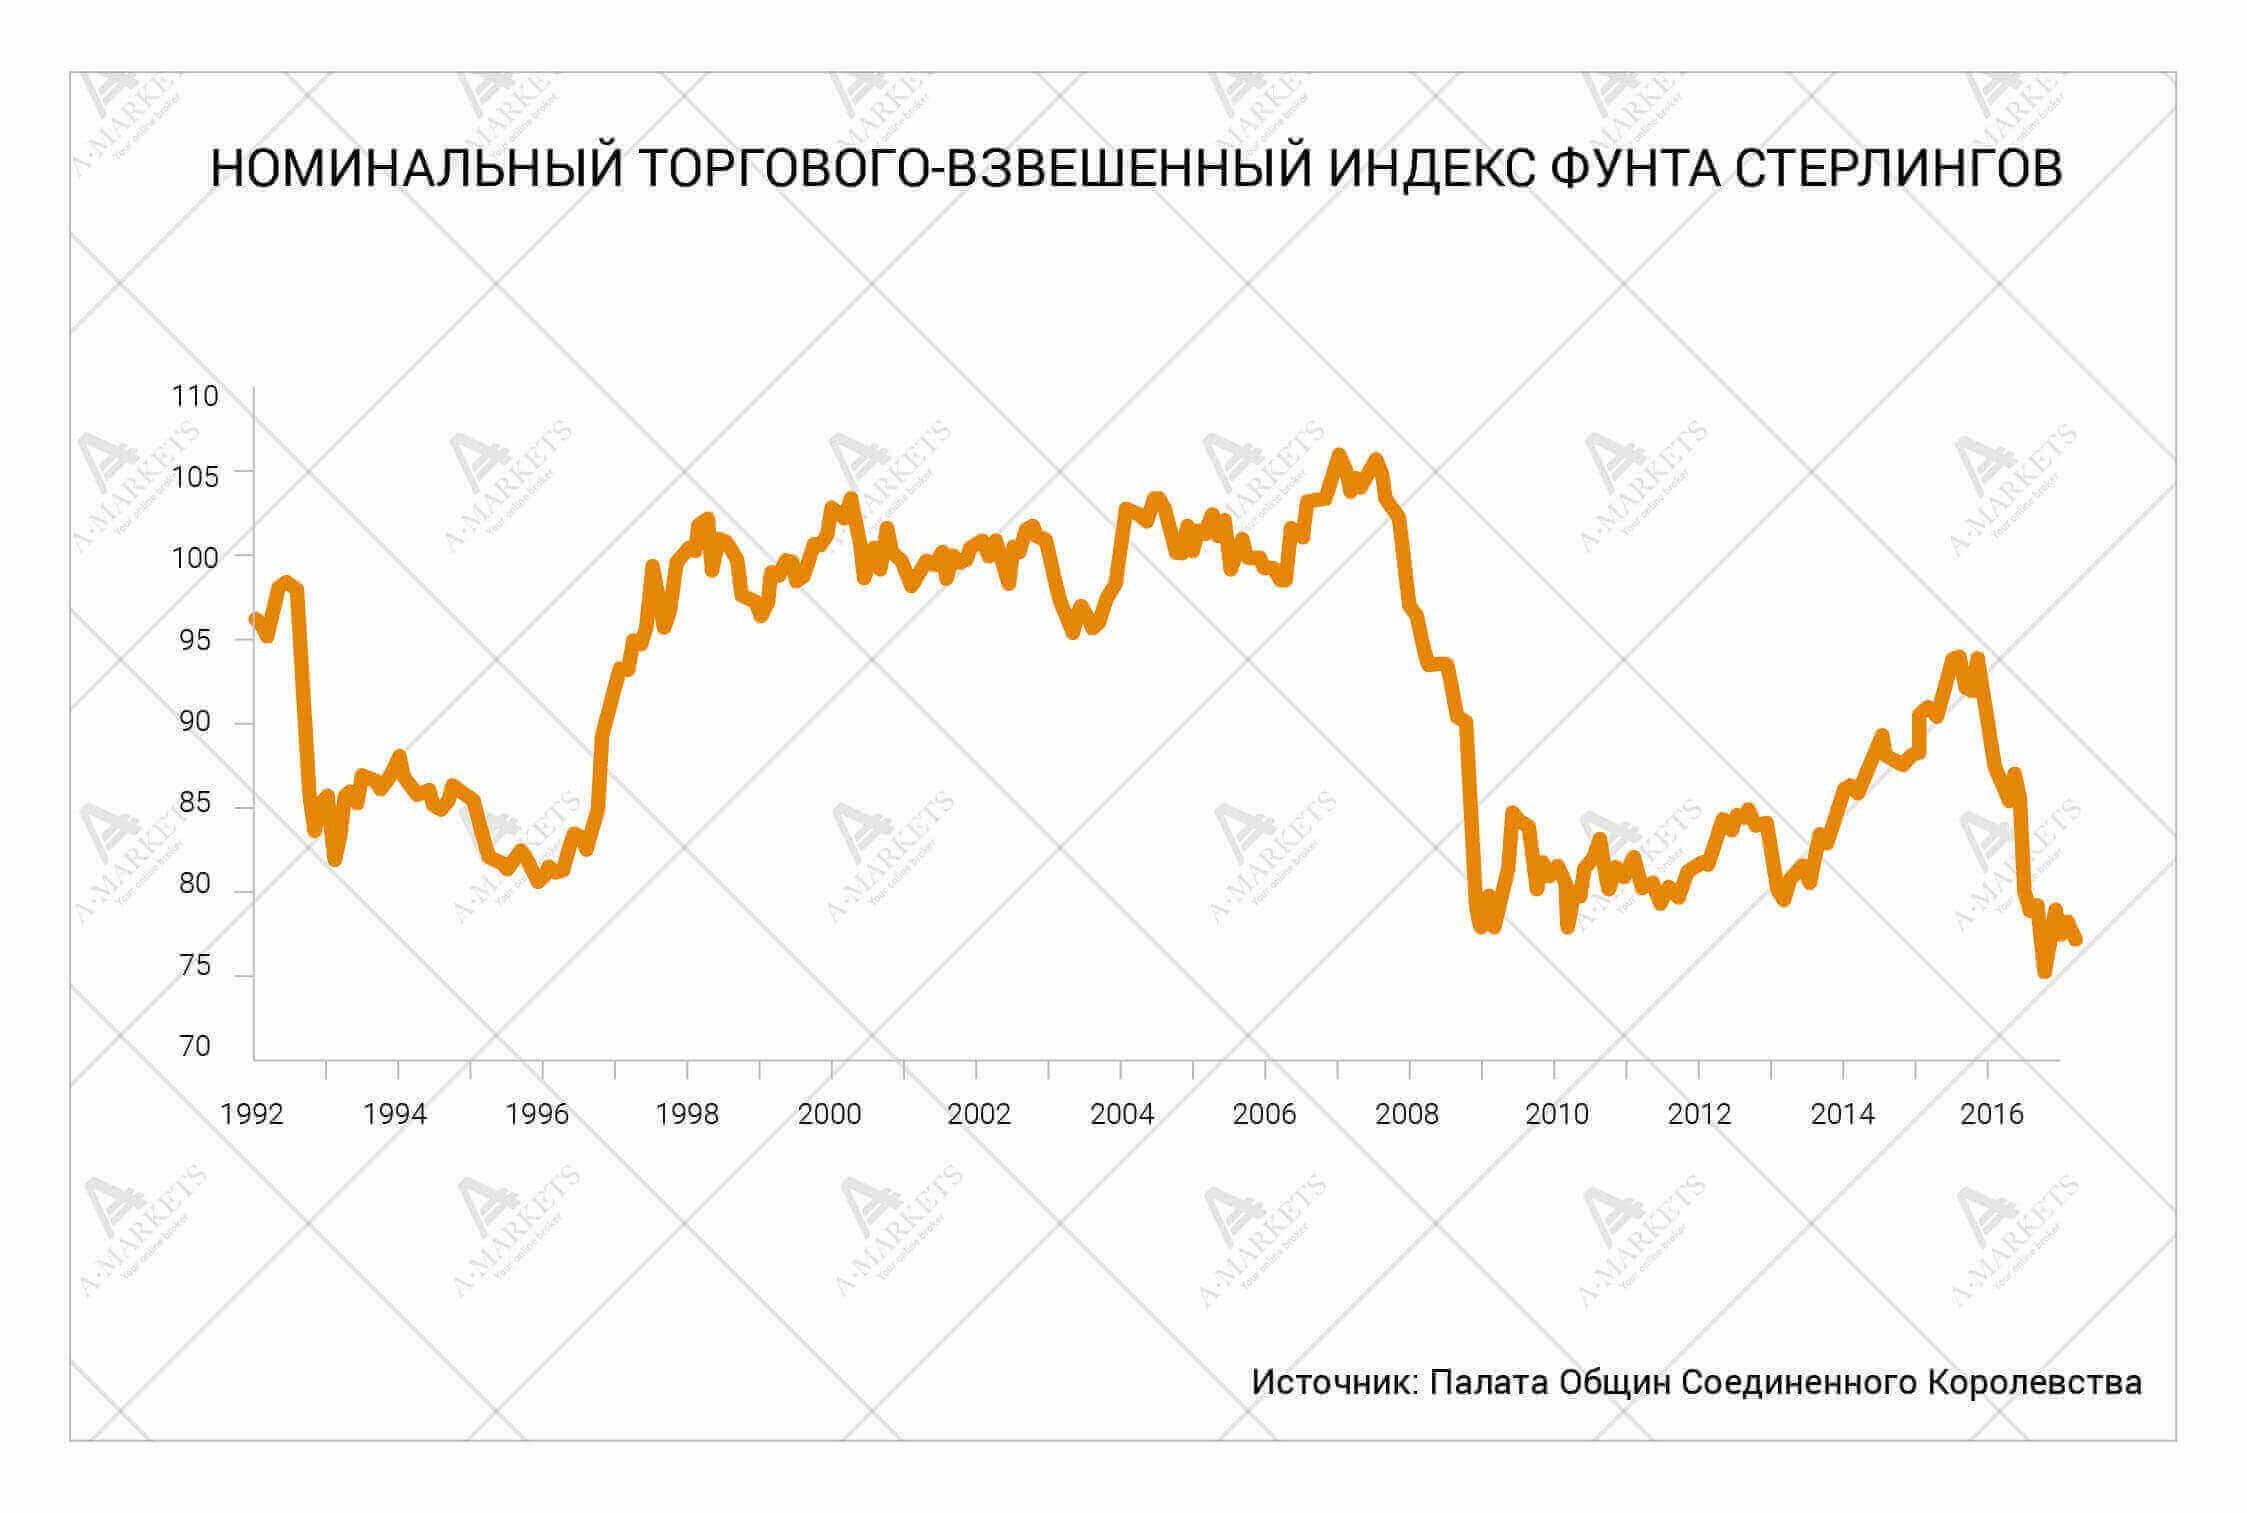 Номинальный торгового-взвешенный индекс Фунта Стерлингов. Аналитика Николая Корженевского